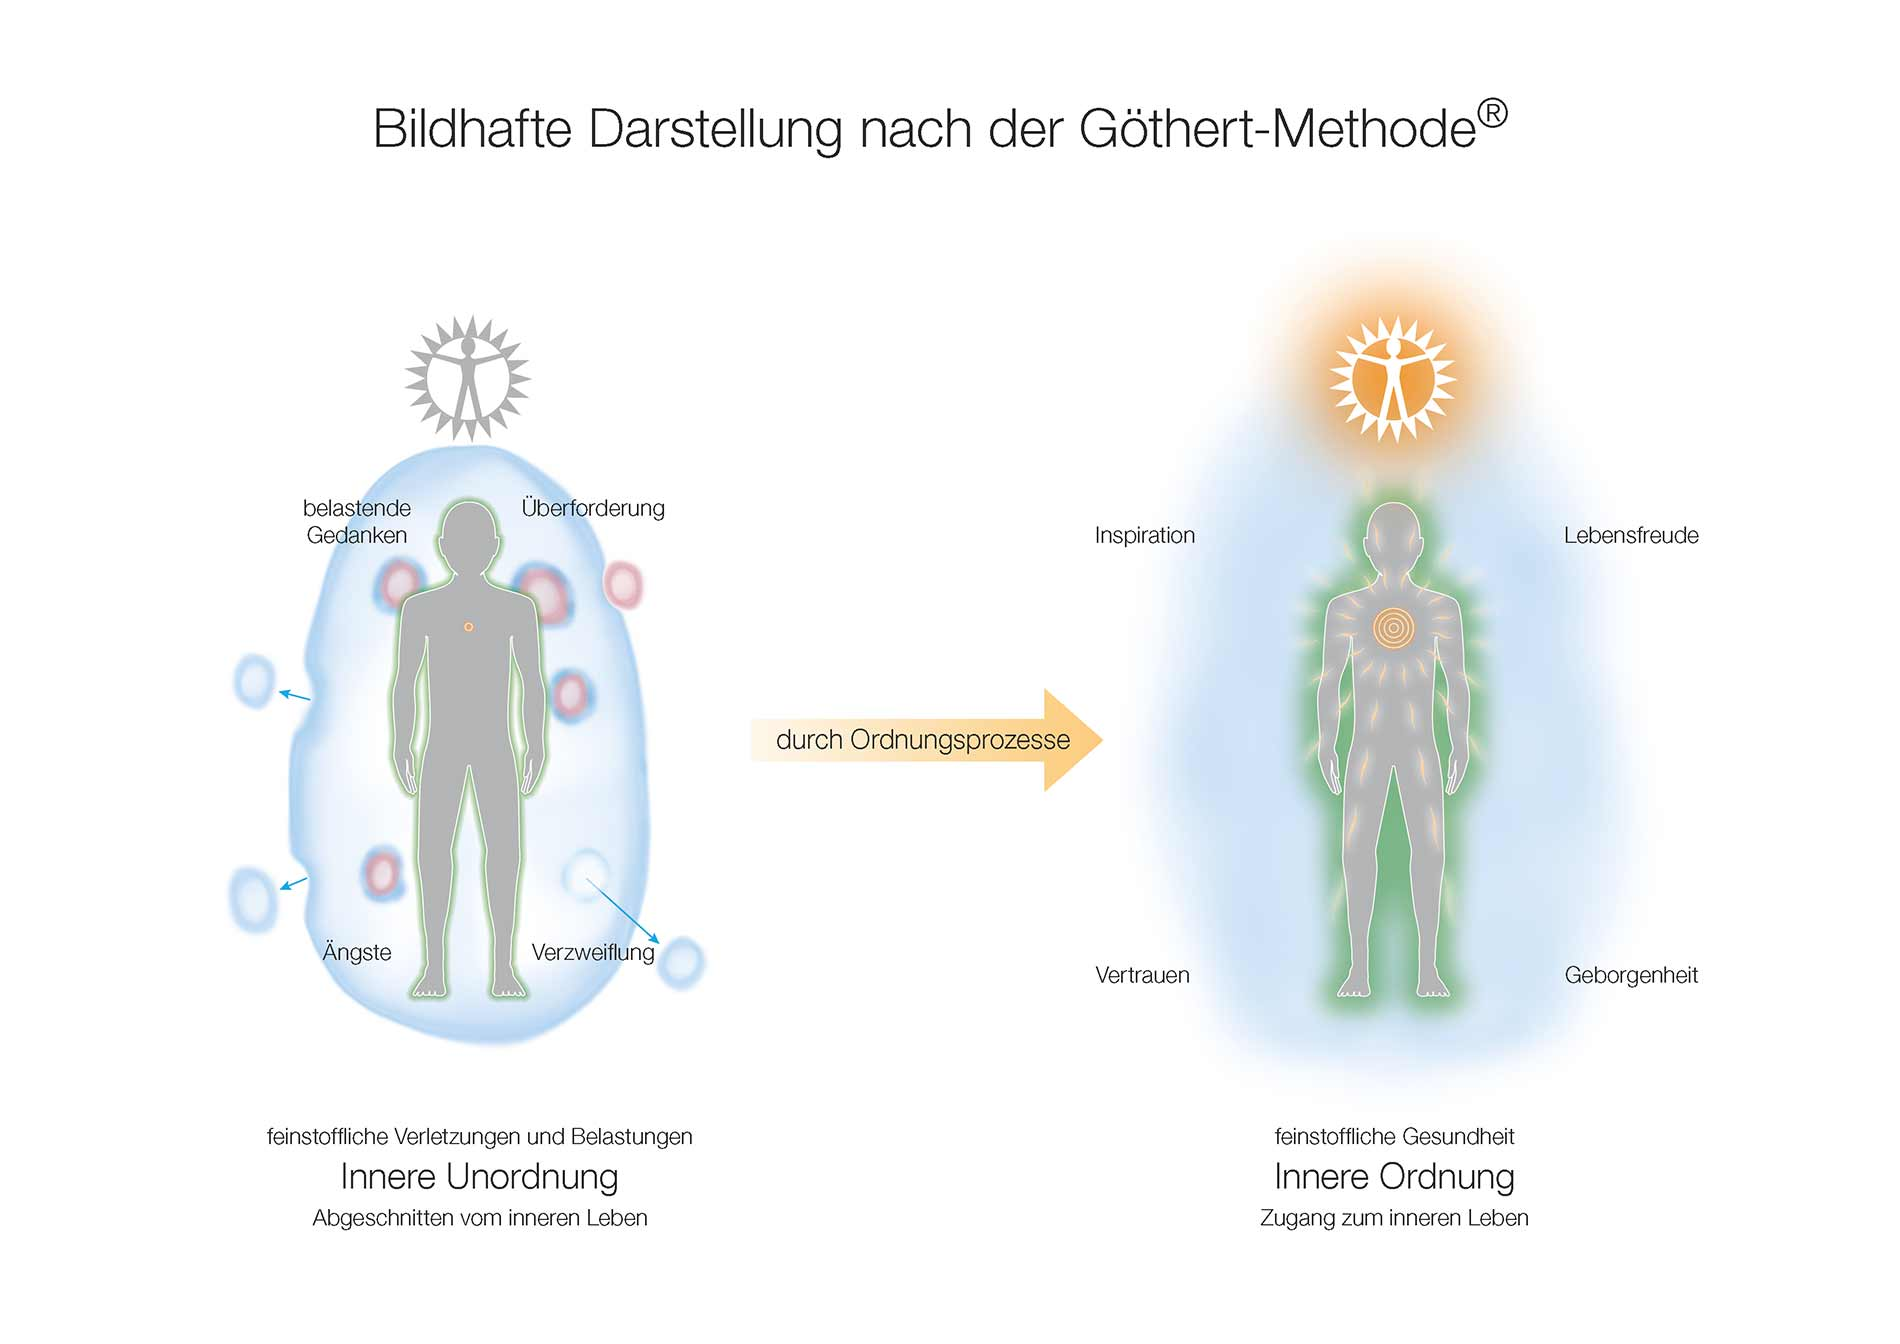 innere-ordnung-goethert-methode-03.jpg